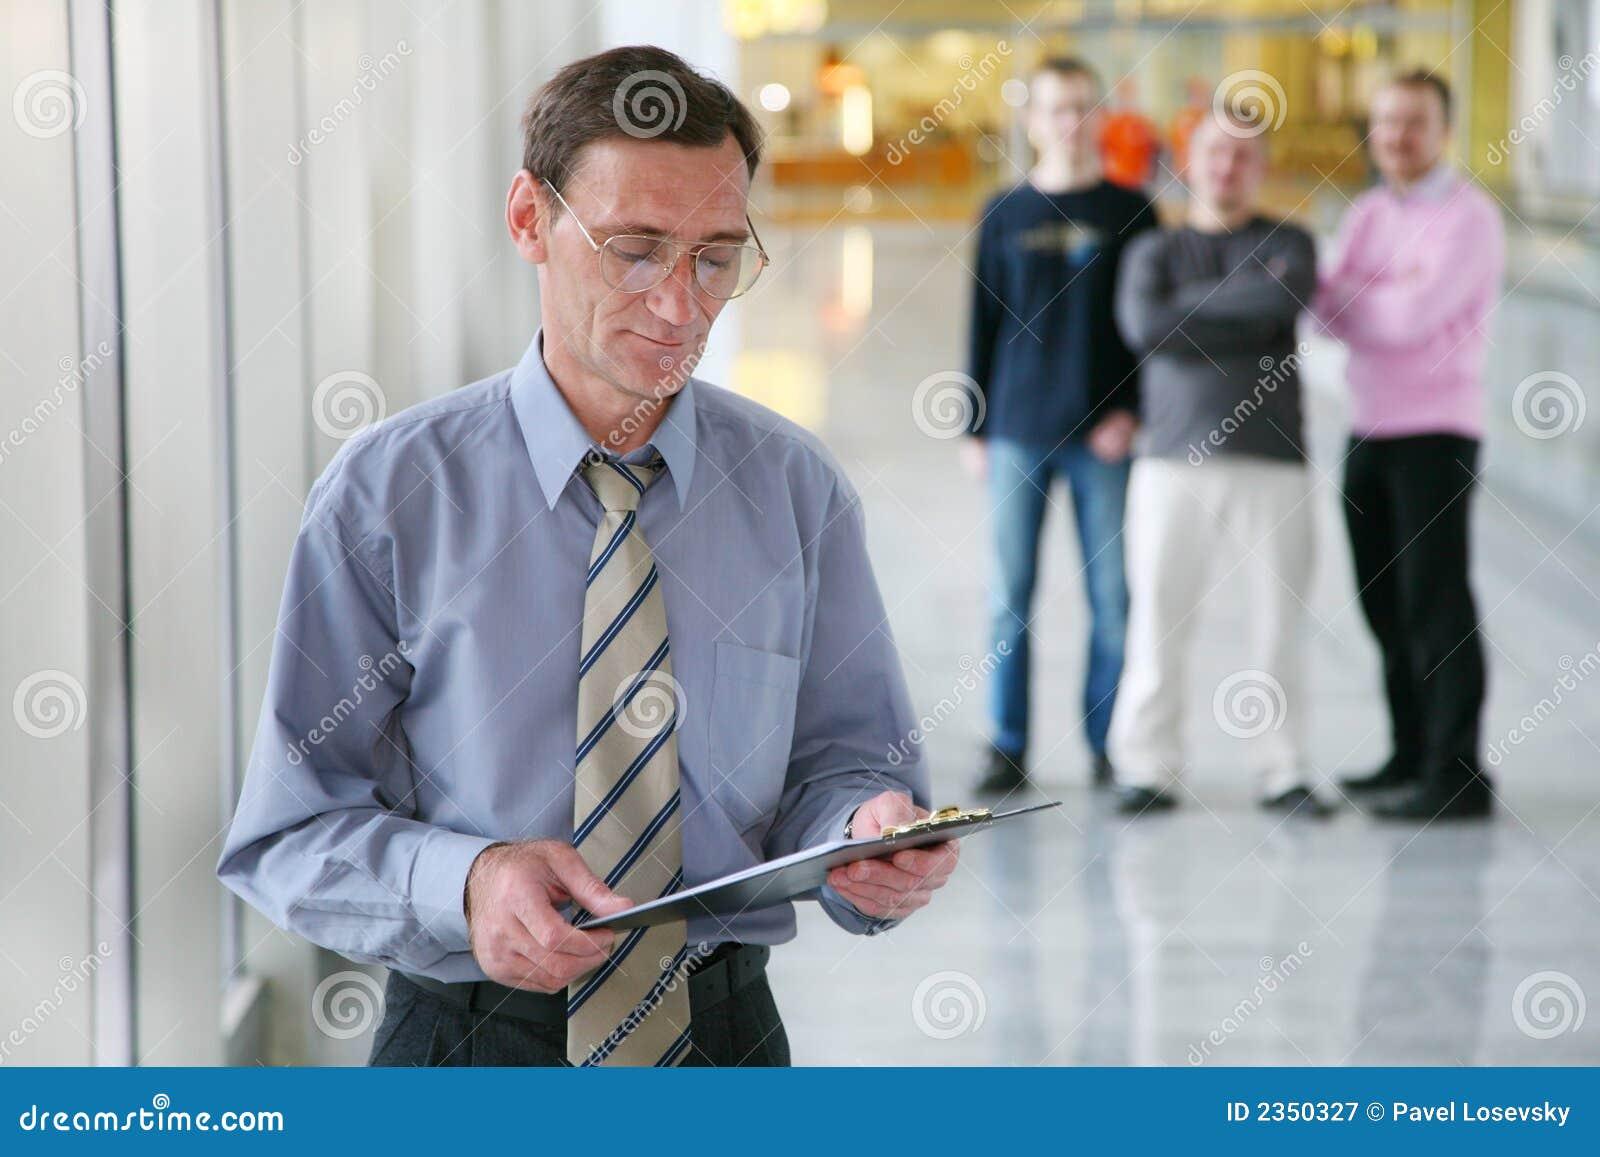 Смотреть начальник и сотрудница 10 фотография